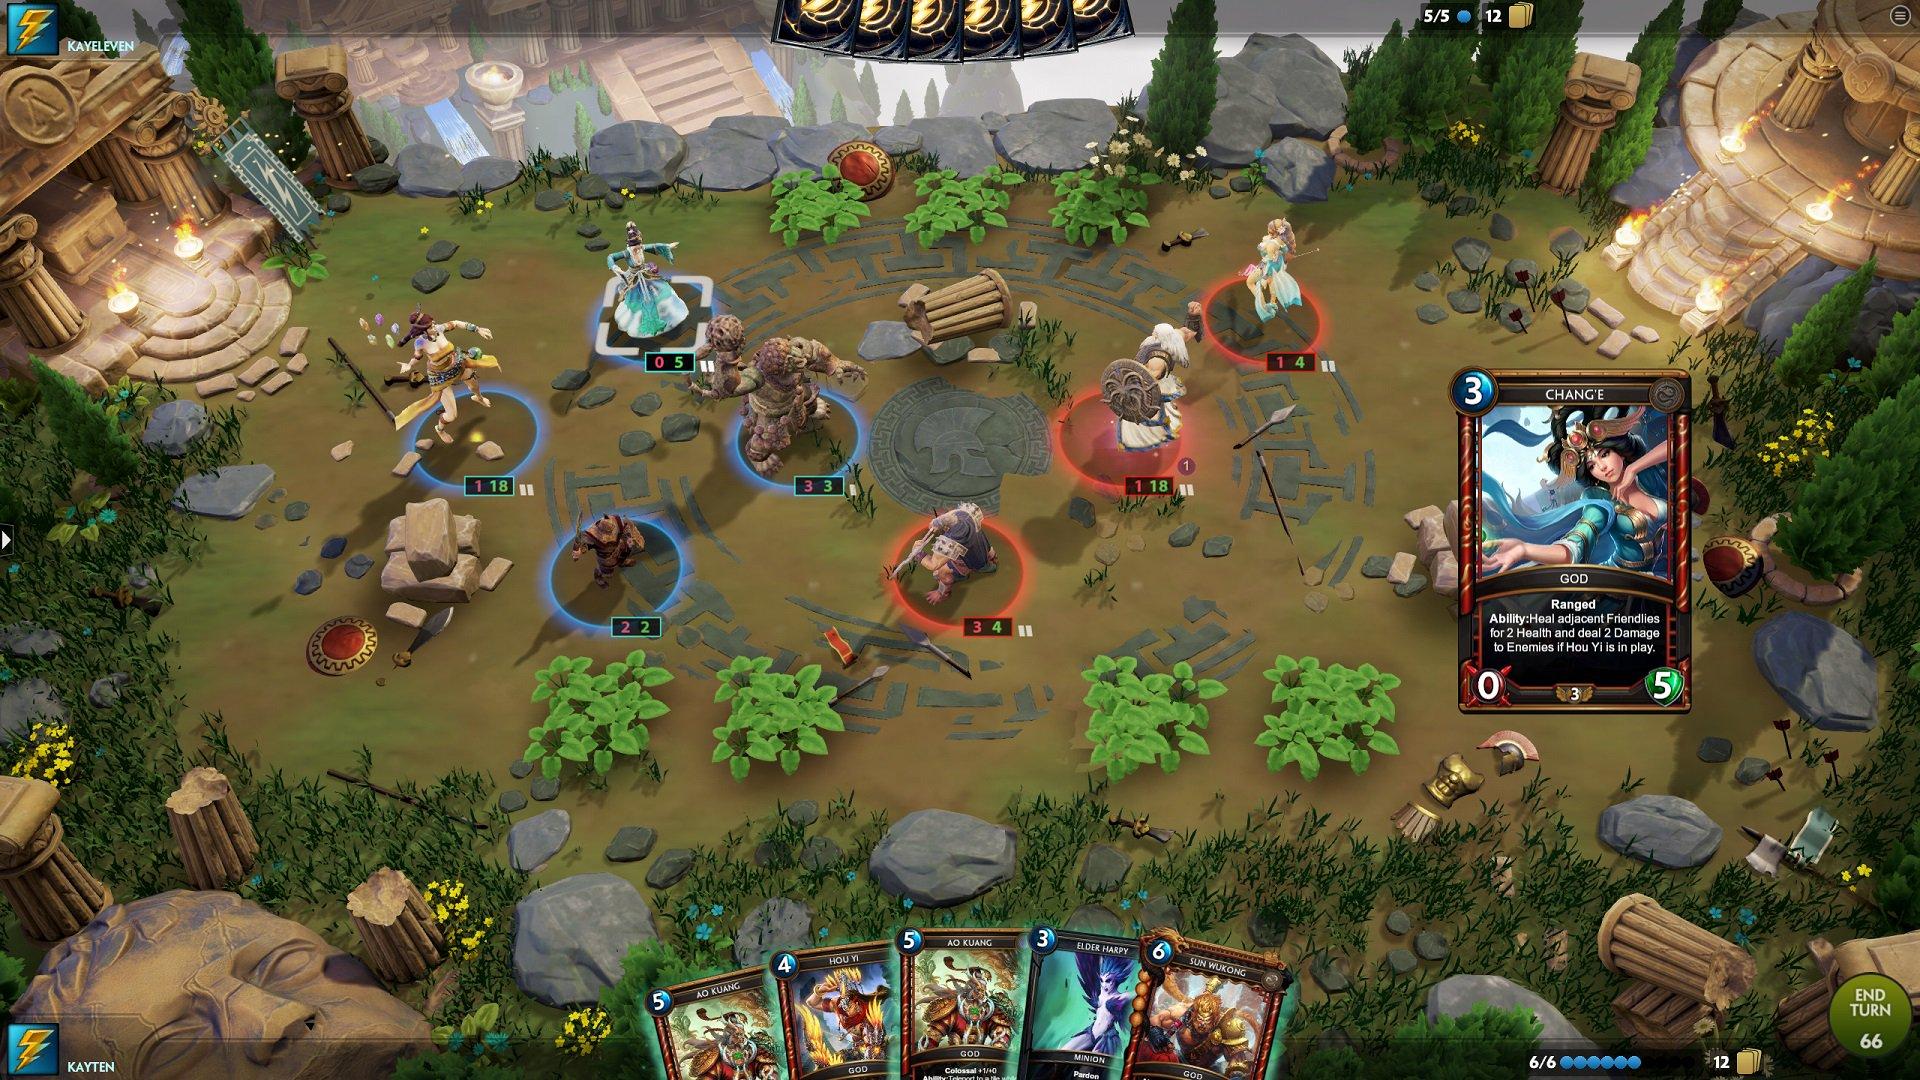 神之浩劫:策略 游戏画面